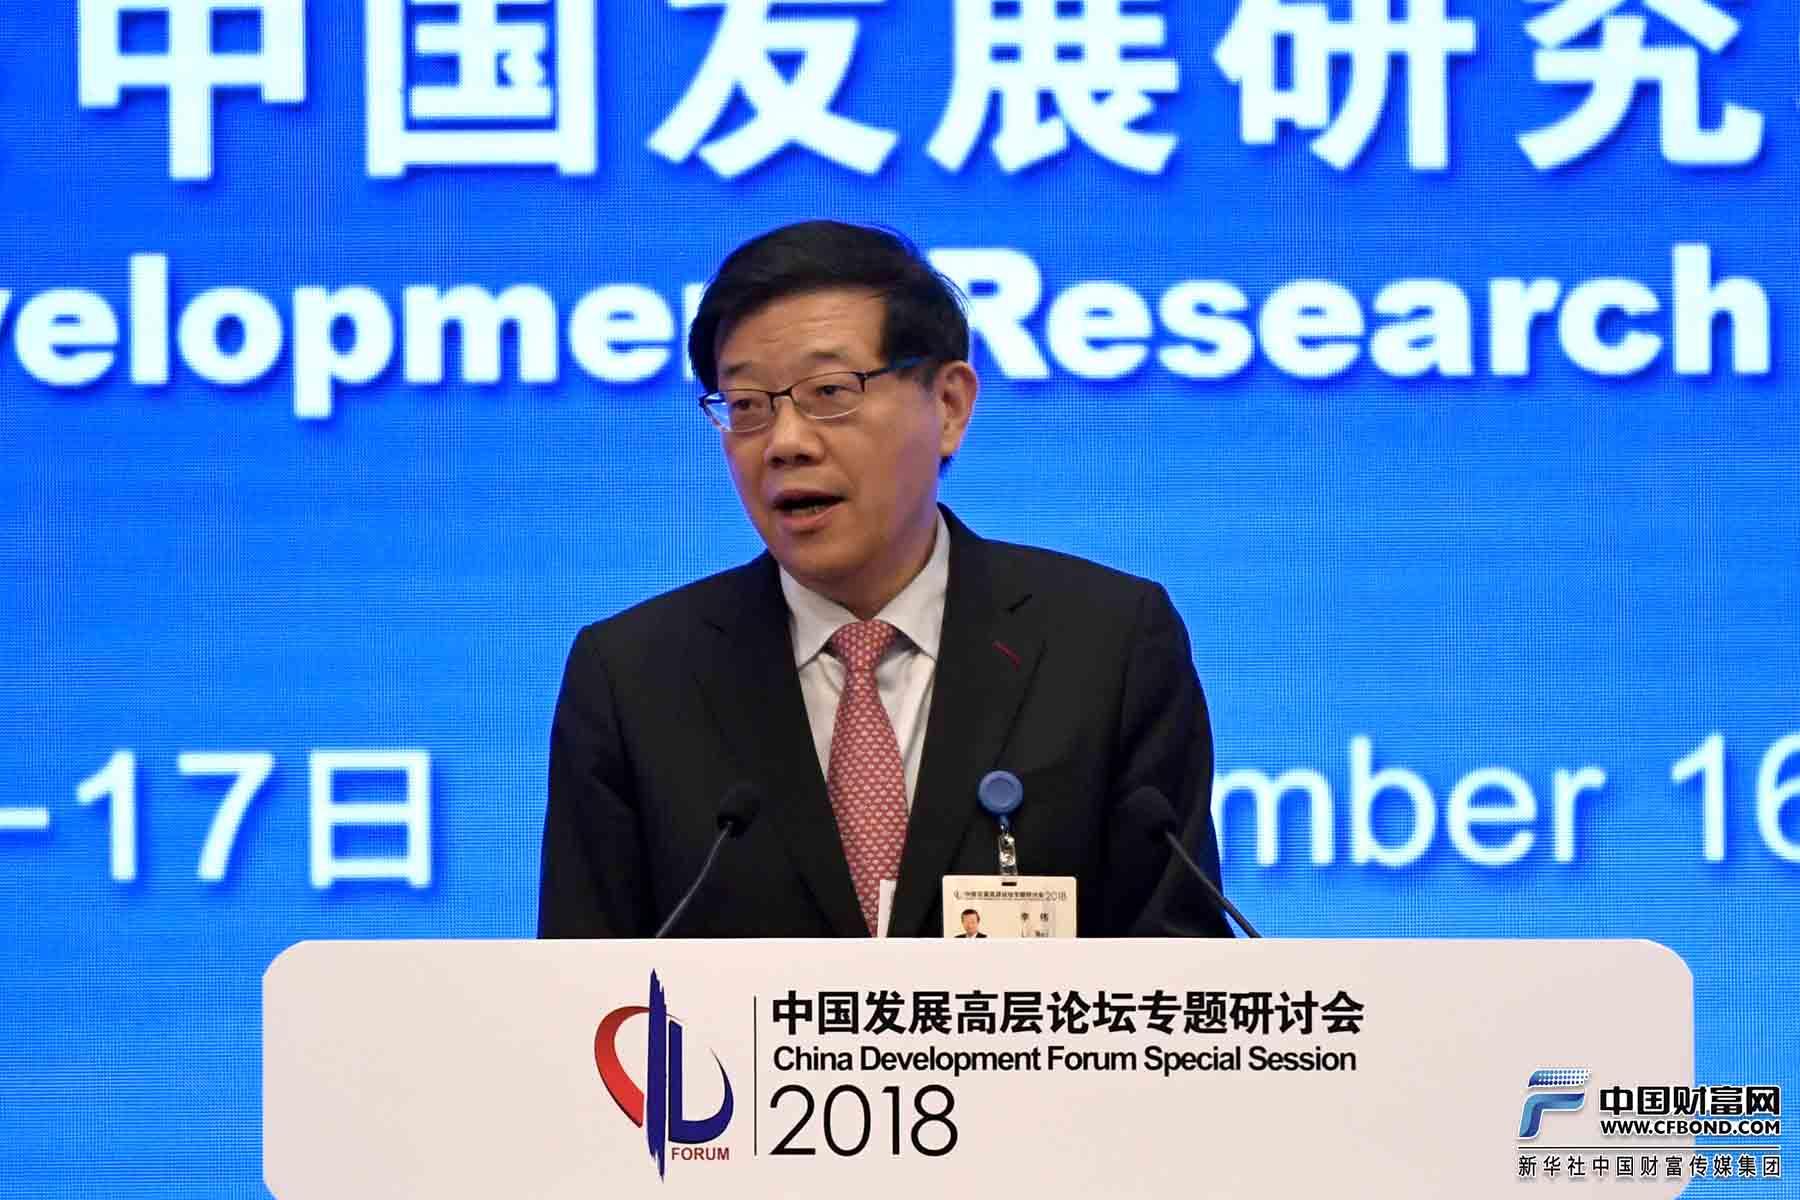 李伟:40年来中国国内生产总值年均增长约9.5%